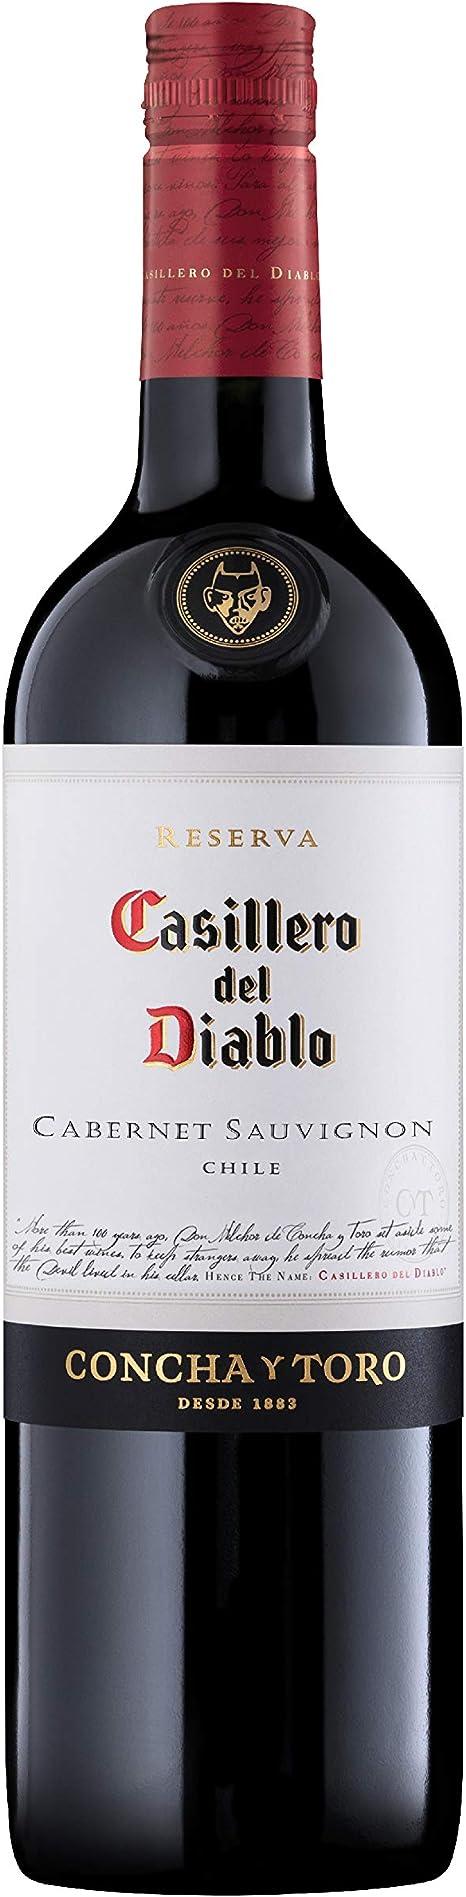 Vinho Tinto Casillero Del Diablo Cabernet Sauvignon 750ml